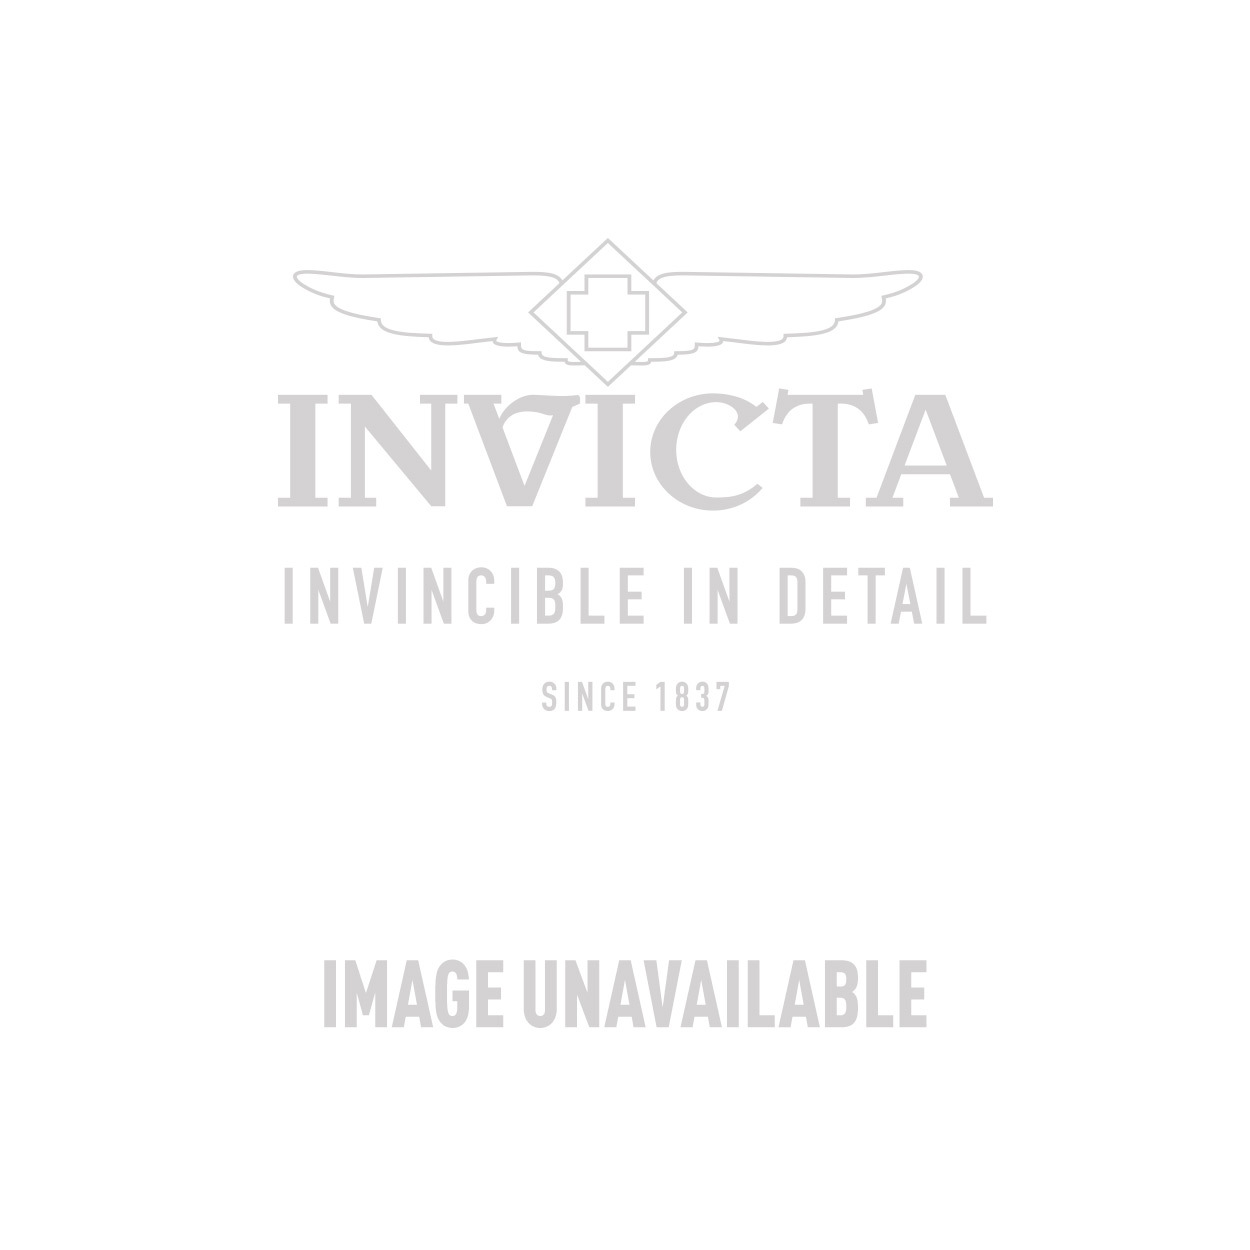 Invicta Model 28511